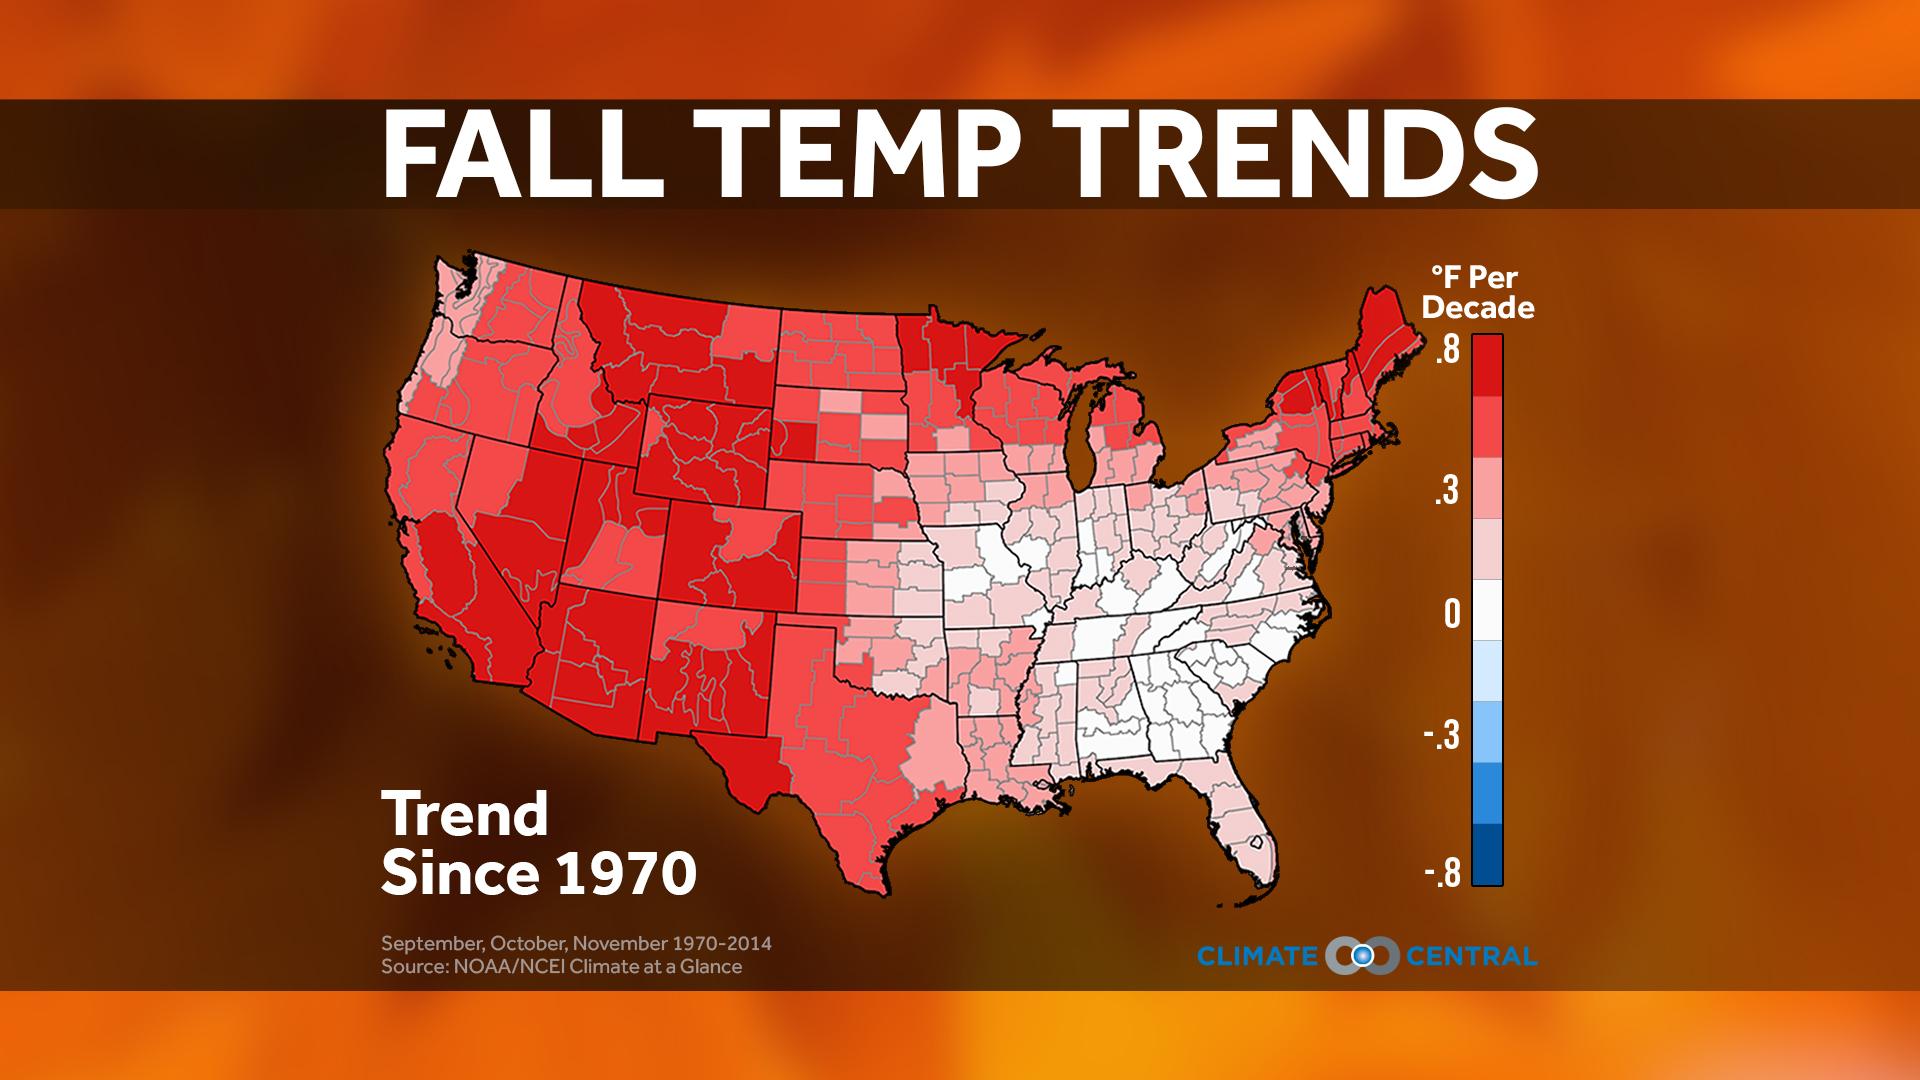 Fall Temp Trends